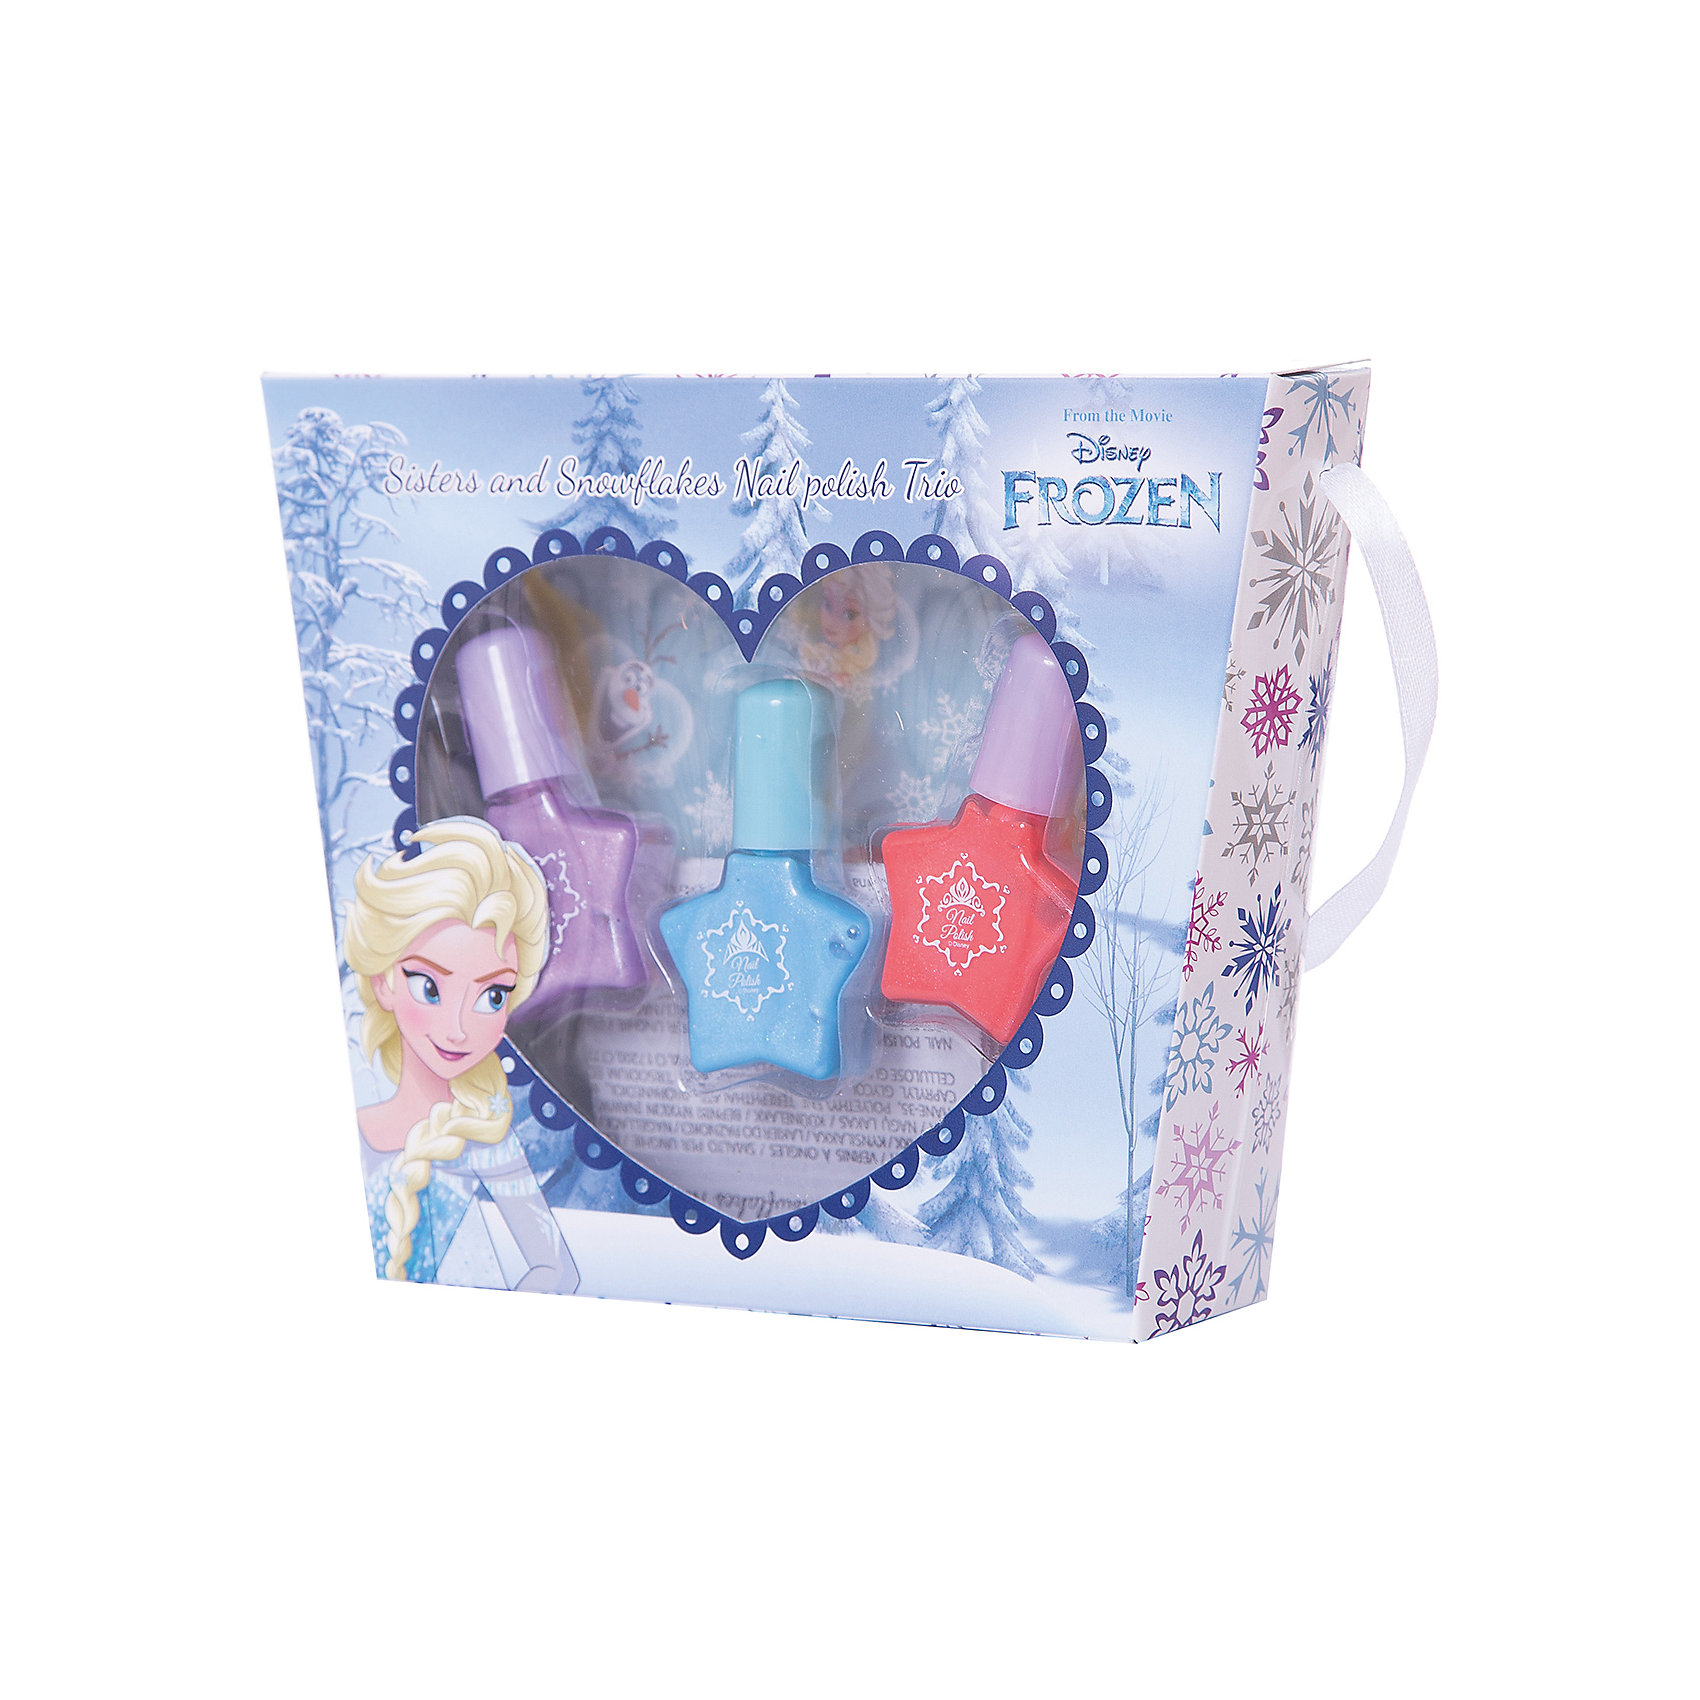 Markwins Игровой набор детской декоративной косметики Эльза, Холодное сердце winx club набор детской декоративной косметики радужное сияние